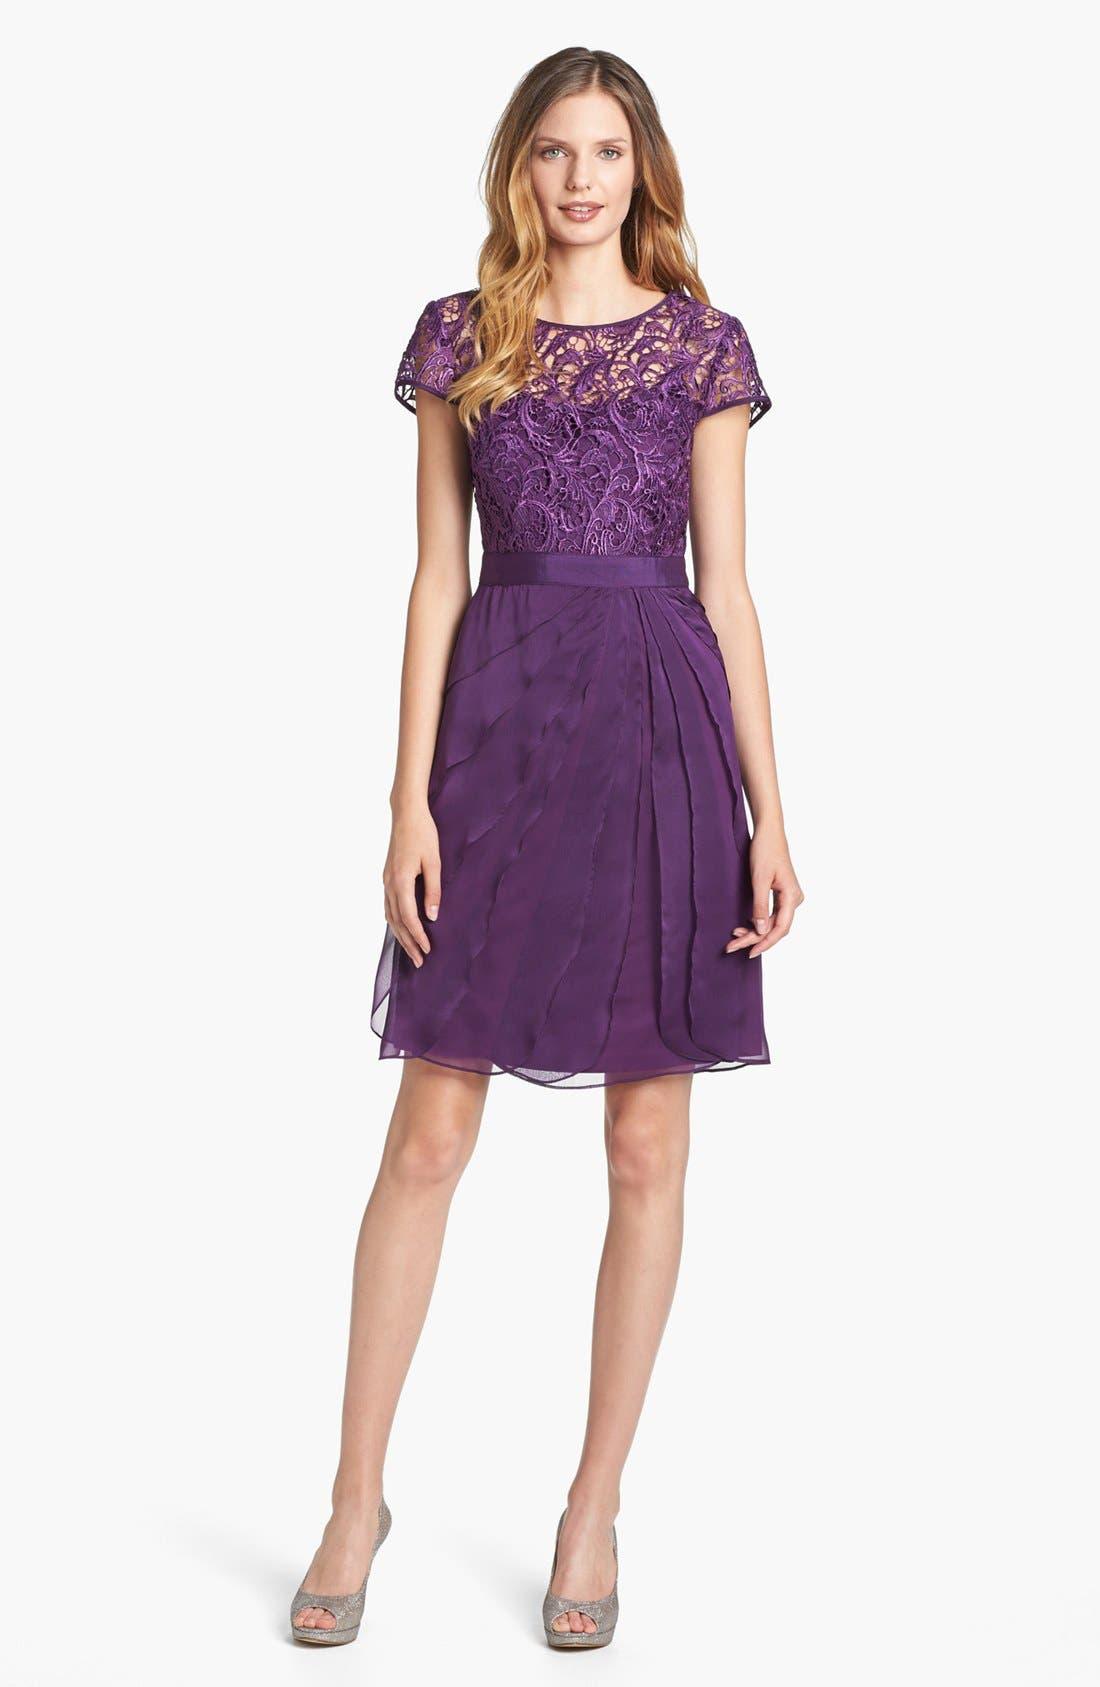 Main Image - Adrianna Papell Lace & Tiered Chiffon Dress (Regular & Petite)